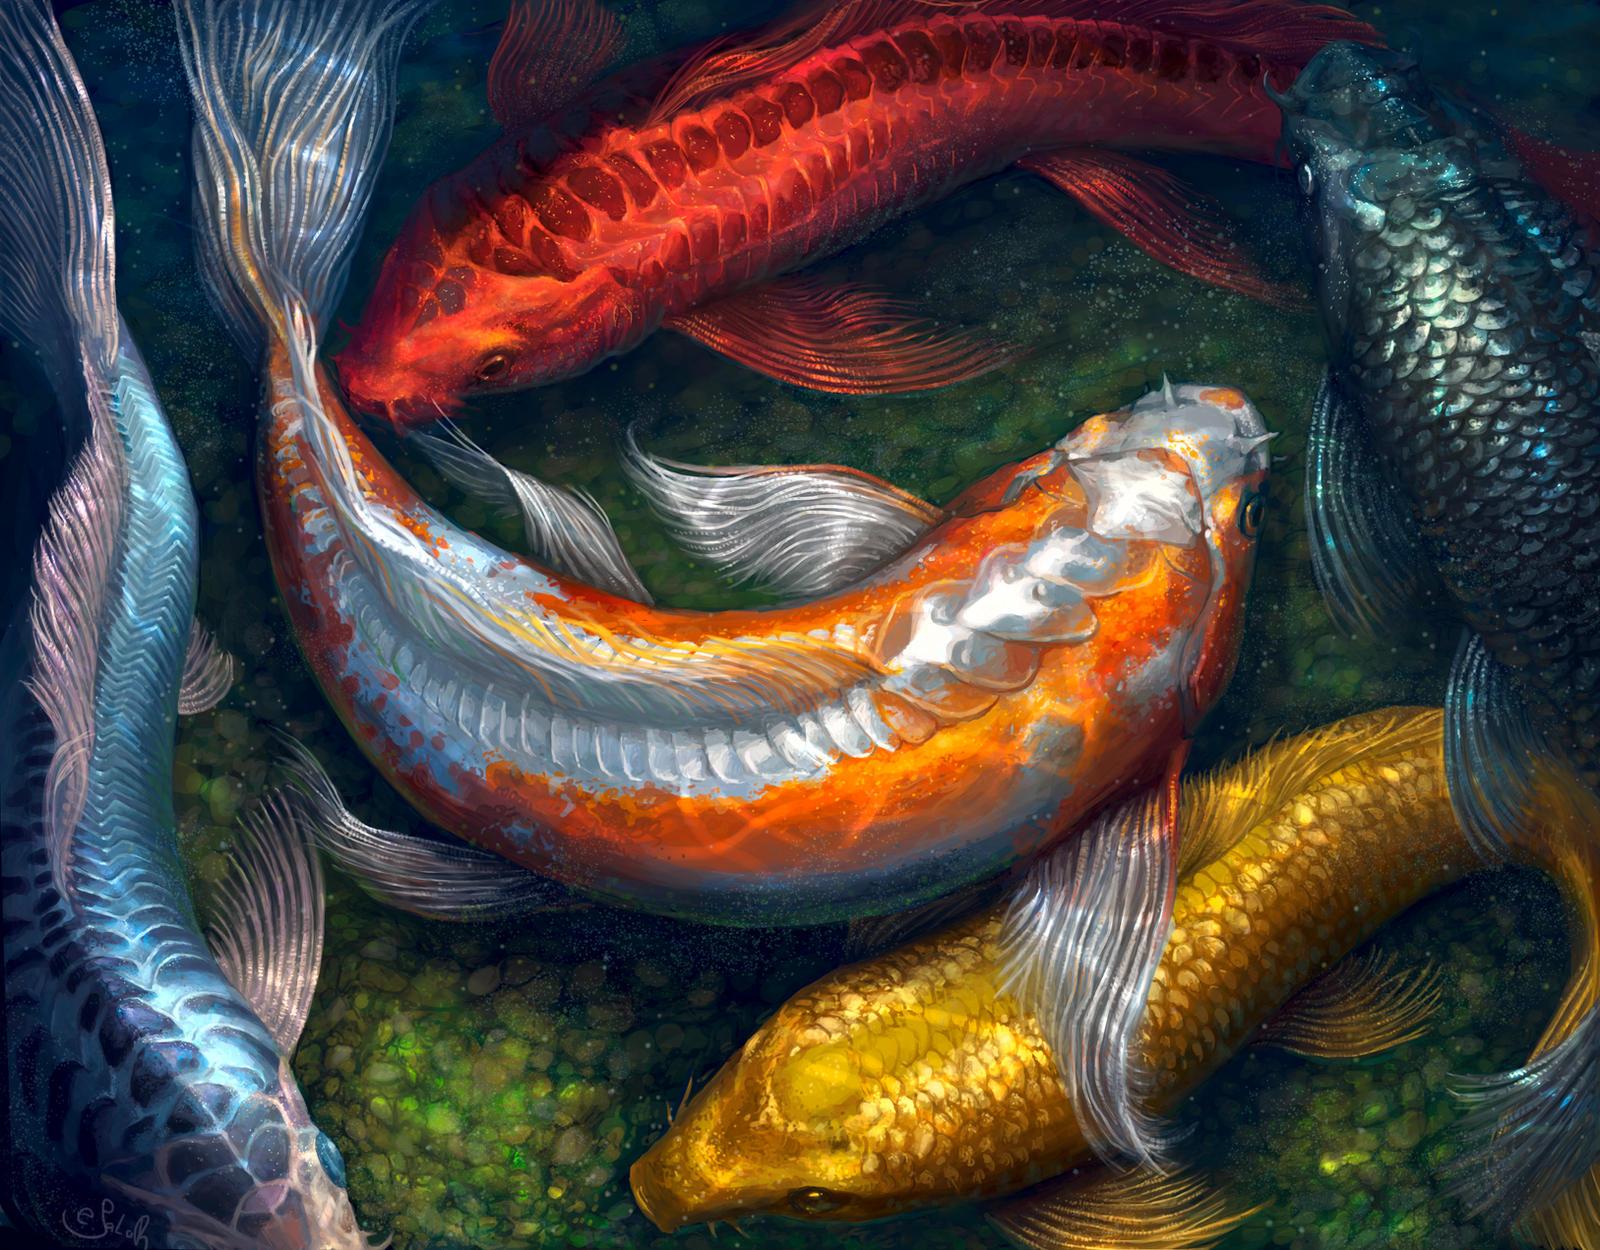 Rainbow koi pond 2 by sarahlyyn on deviantart for Rainbow koi fish